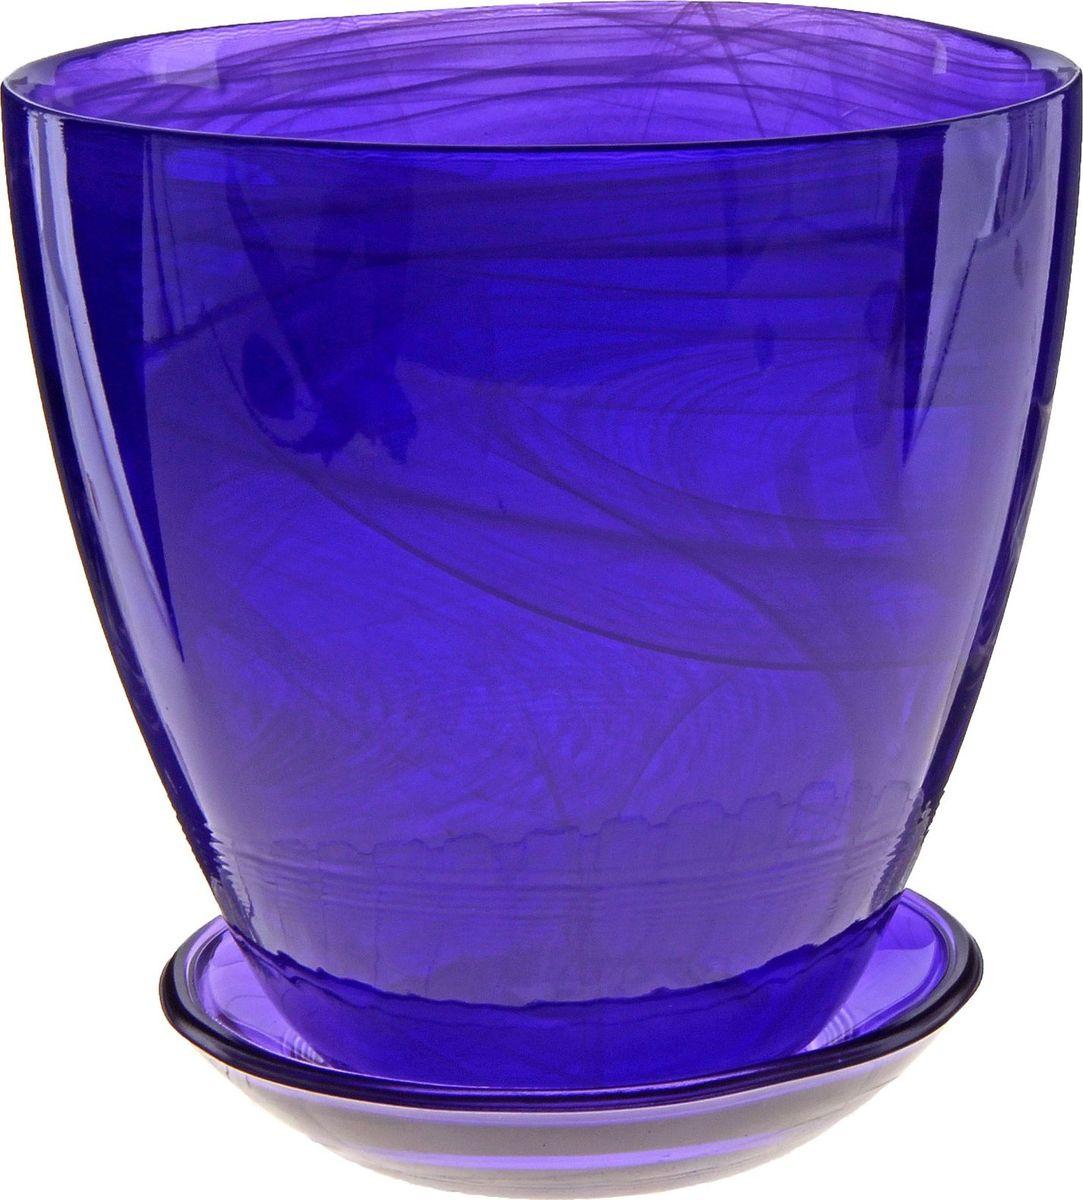 Кашпо NiNaGlass Гармония, с поддоном, цвет: фиолетовый, 0,7 л607673Комнатные растения — всеобщие любимцы. Они радуют глаз, насыщают помещение кислородом и украшают пространство. Каждому цветку необходим свой удобный и красивый дом. Из-за прозрачности стекла такие декоративные вазы для горшков пользуются большой популярностью для выращивания орхидей. #name# позаботится о зелёном питомце, освежит интерьер и подчеркнёт его стиль!